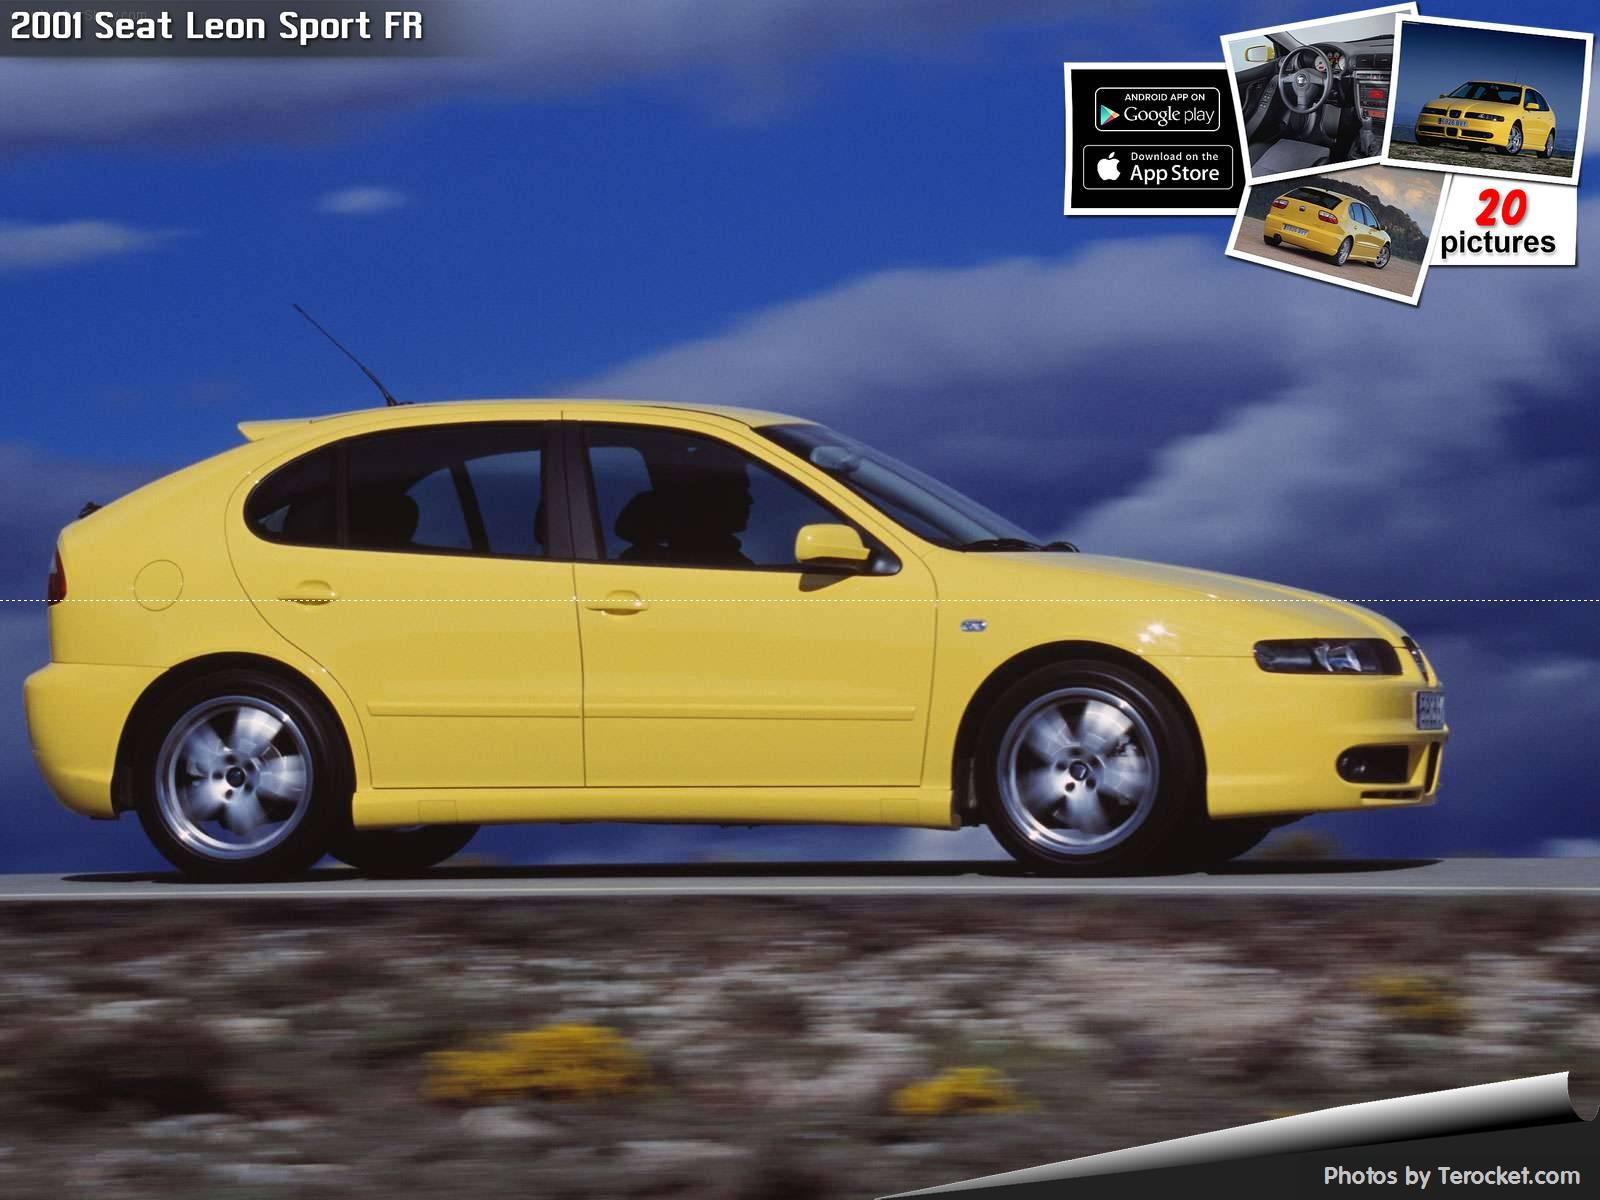 Hình ảnh xe ô tô Seat Leon Sport FR 2001 & nội ngoại thất